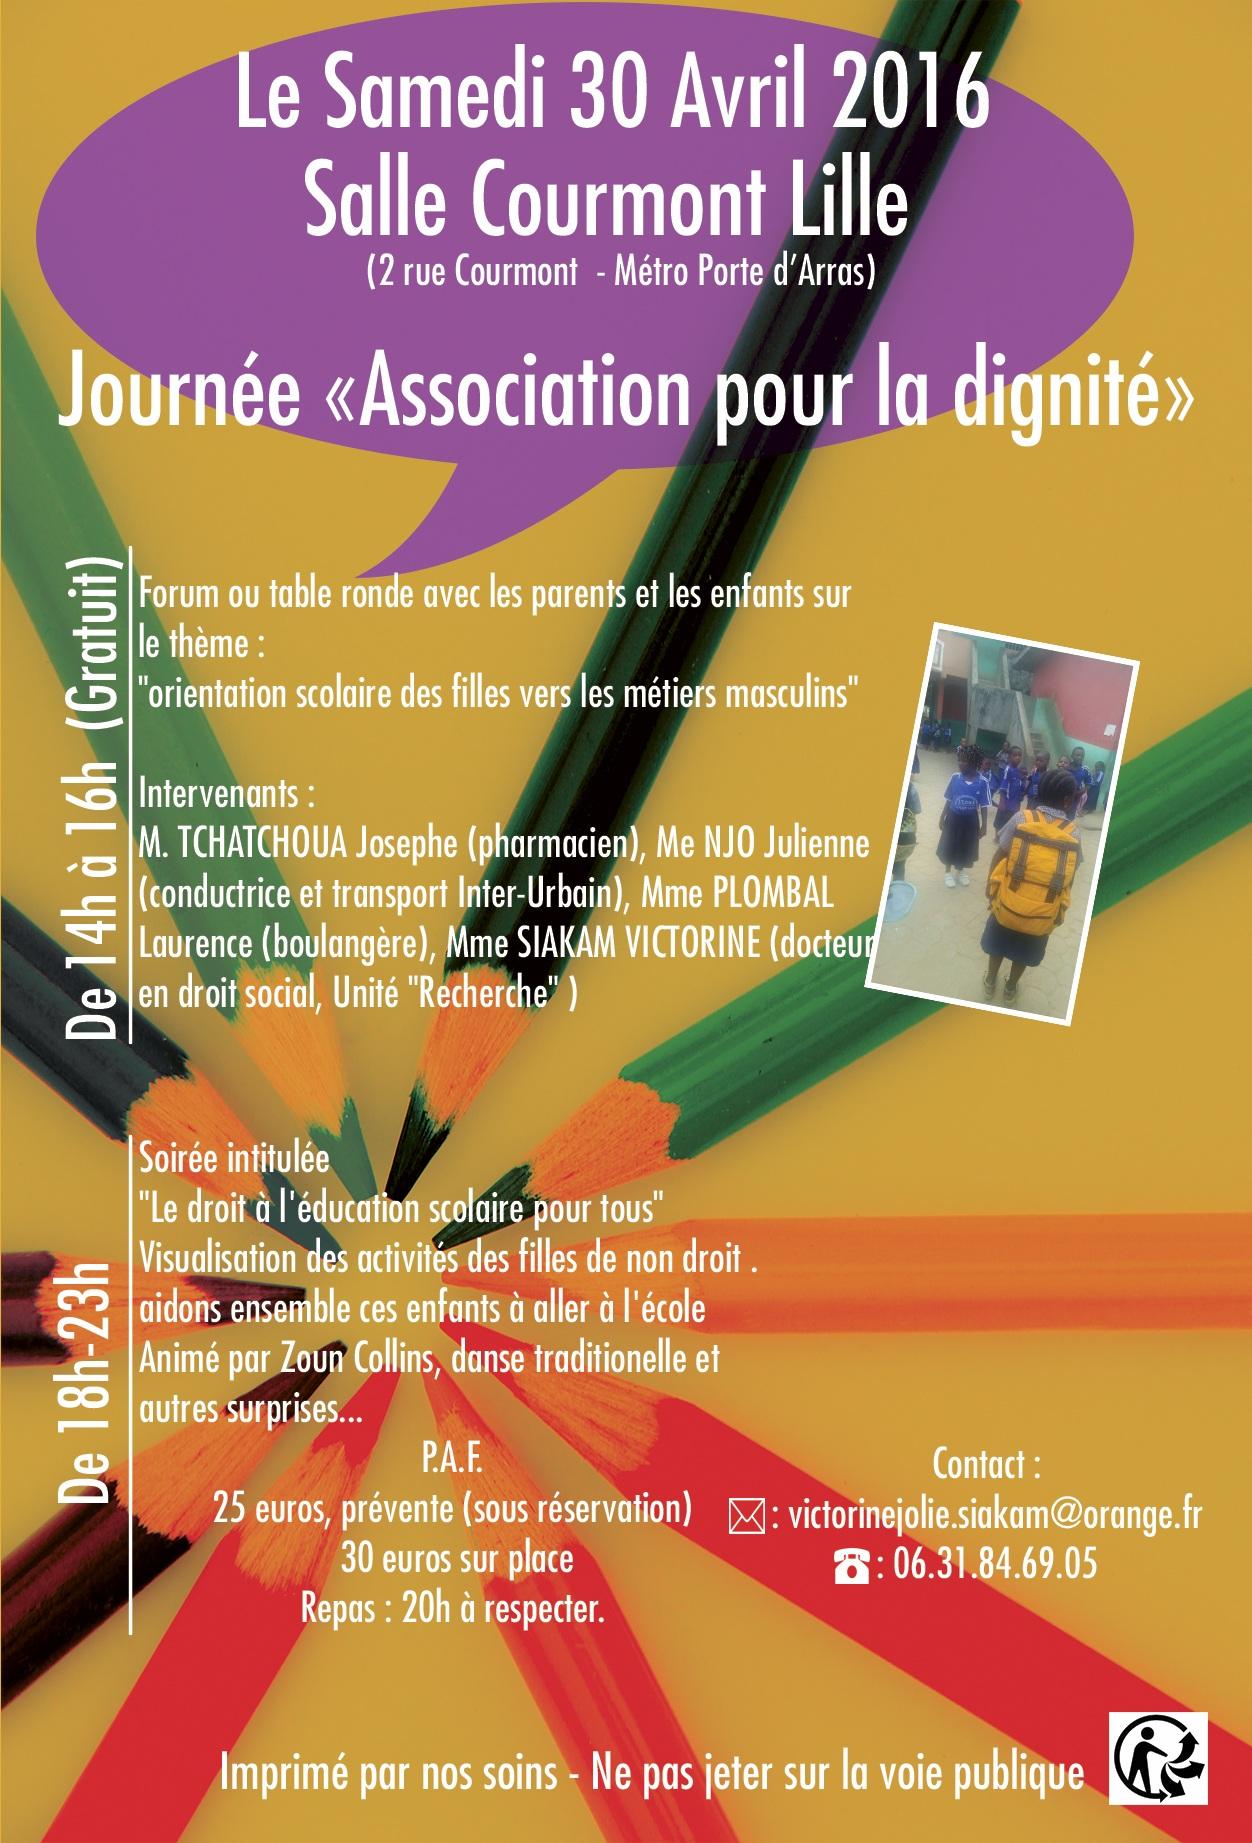 Association pour la dignité